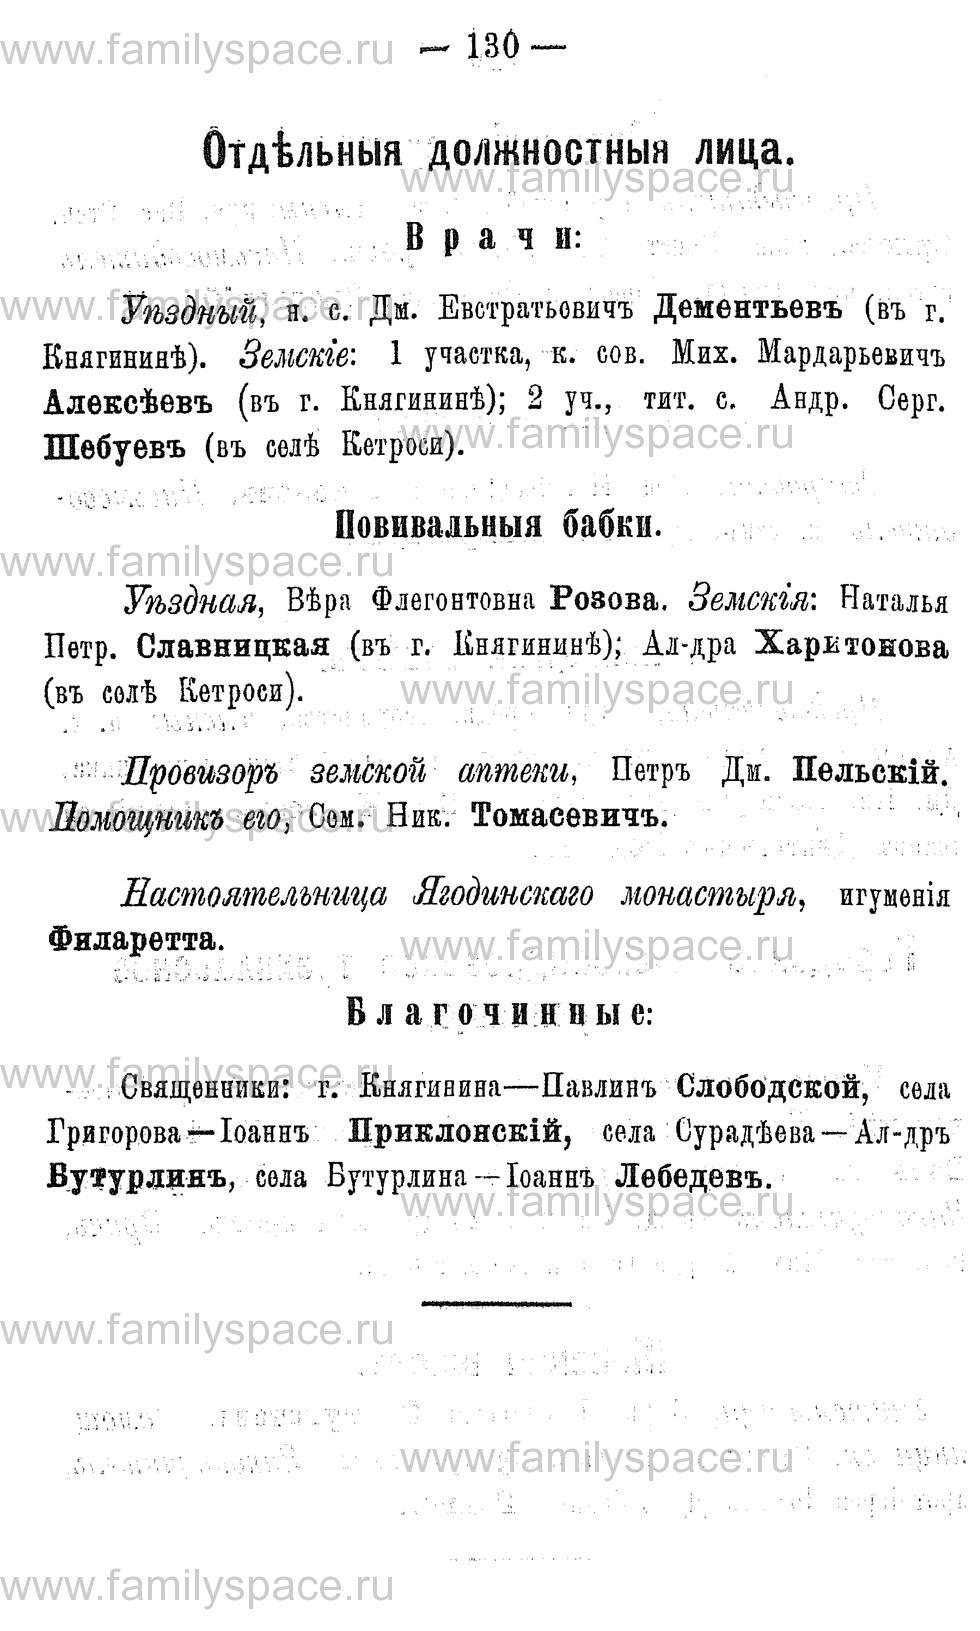 Поиск по фамилии - Адрес-календарь Нижегородской губернии на 1891 год, страница 130